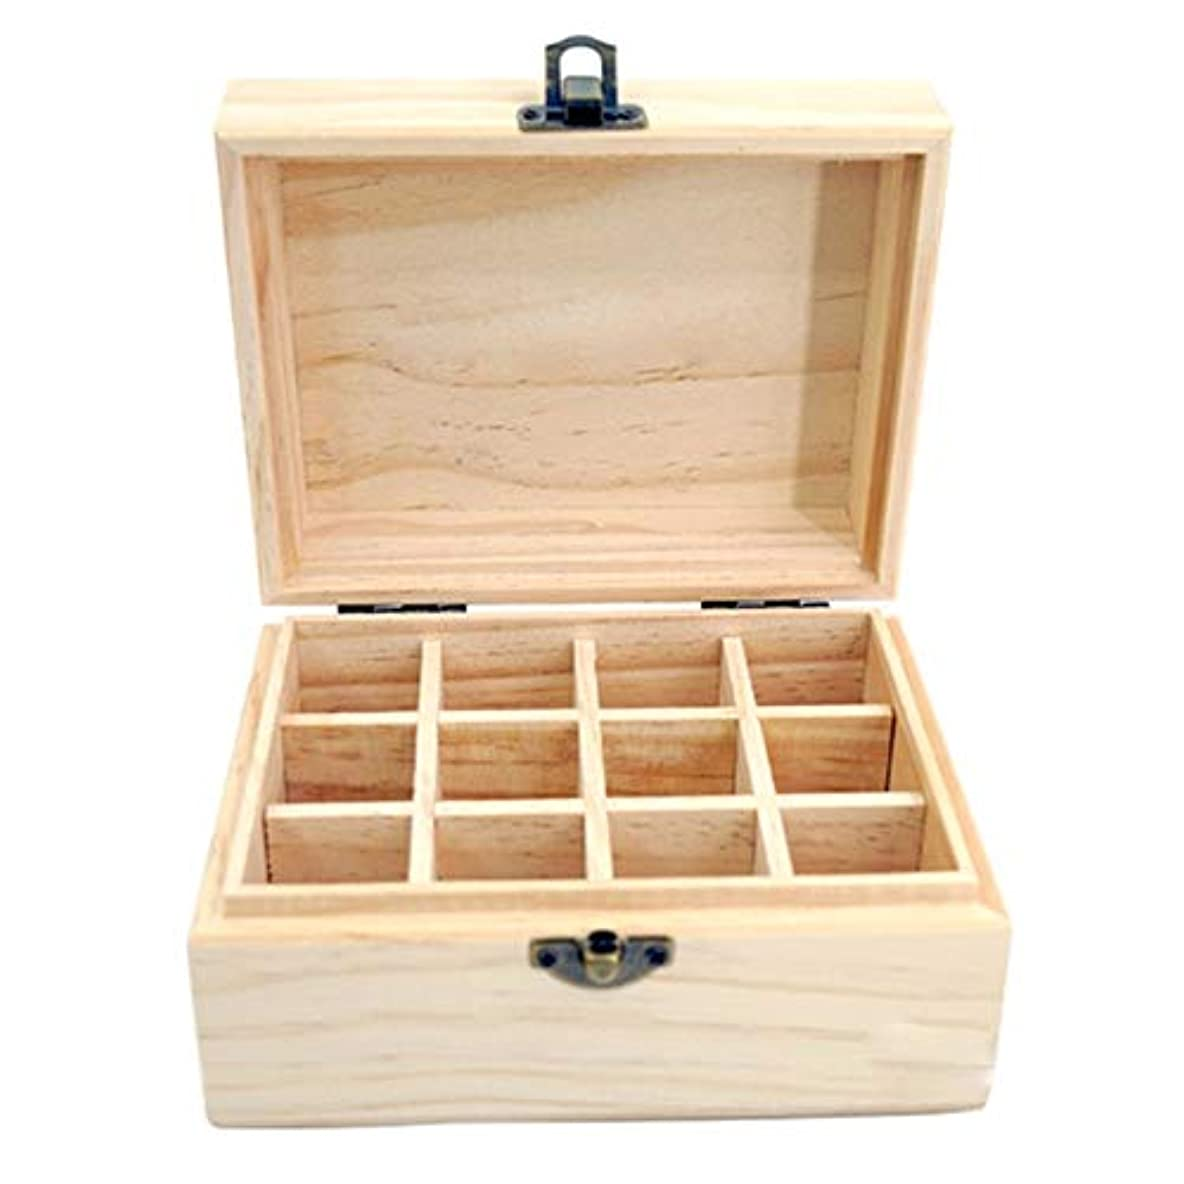 精油ケース 18スロットエッセンシャルオイル木製ボックス収納ケースは、あなたの油安全保護さを保つ保護します 携帯便利 (色 : Natural, サイズ : 15X11.5X8CM)